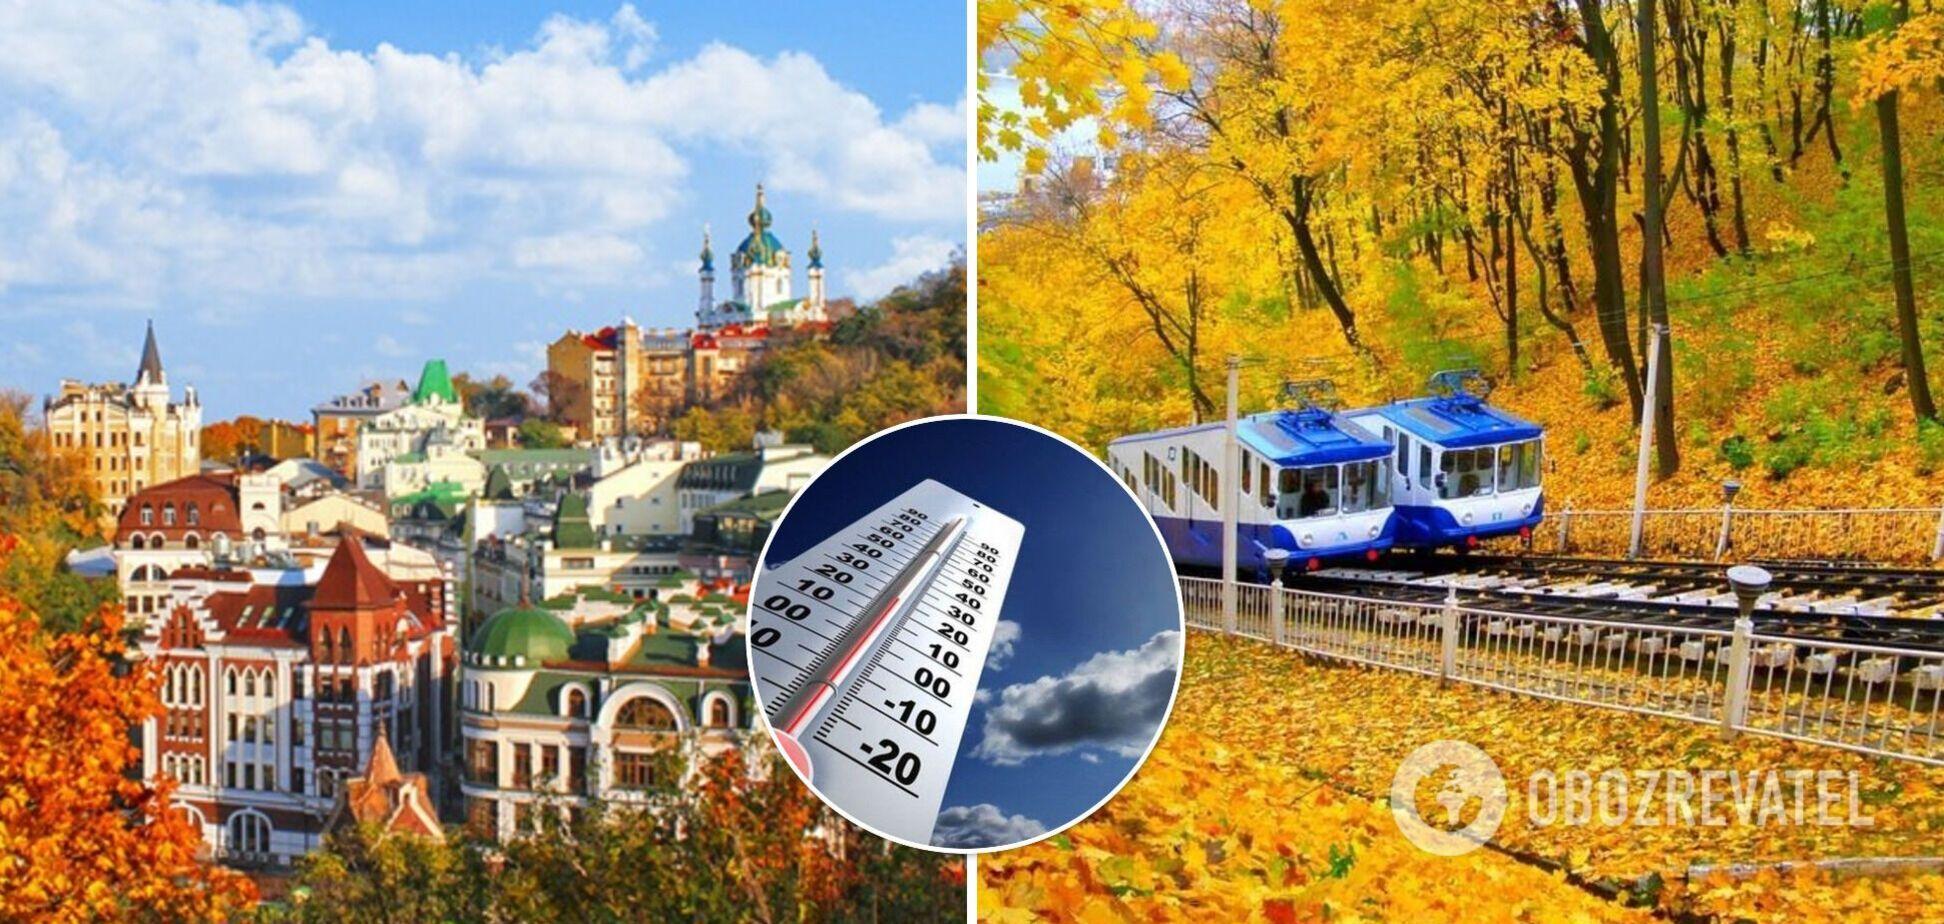 У Києві погода оновила температурний рекорд за понад 140 років спостережень